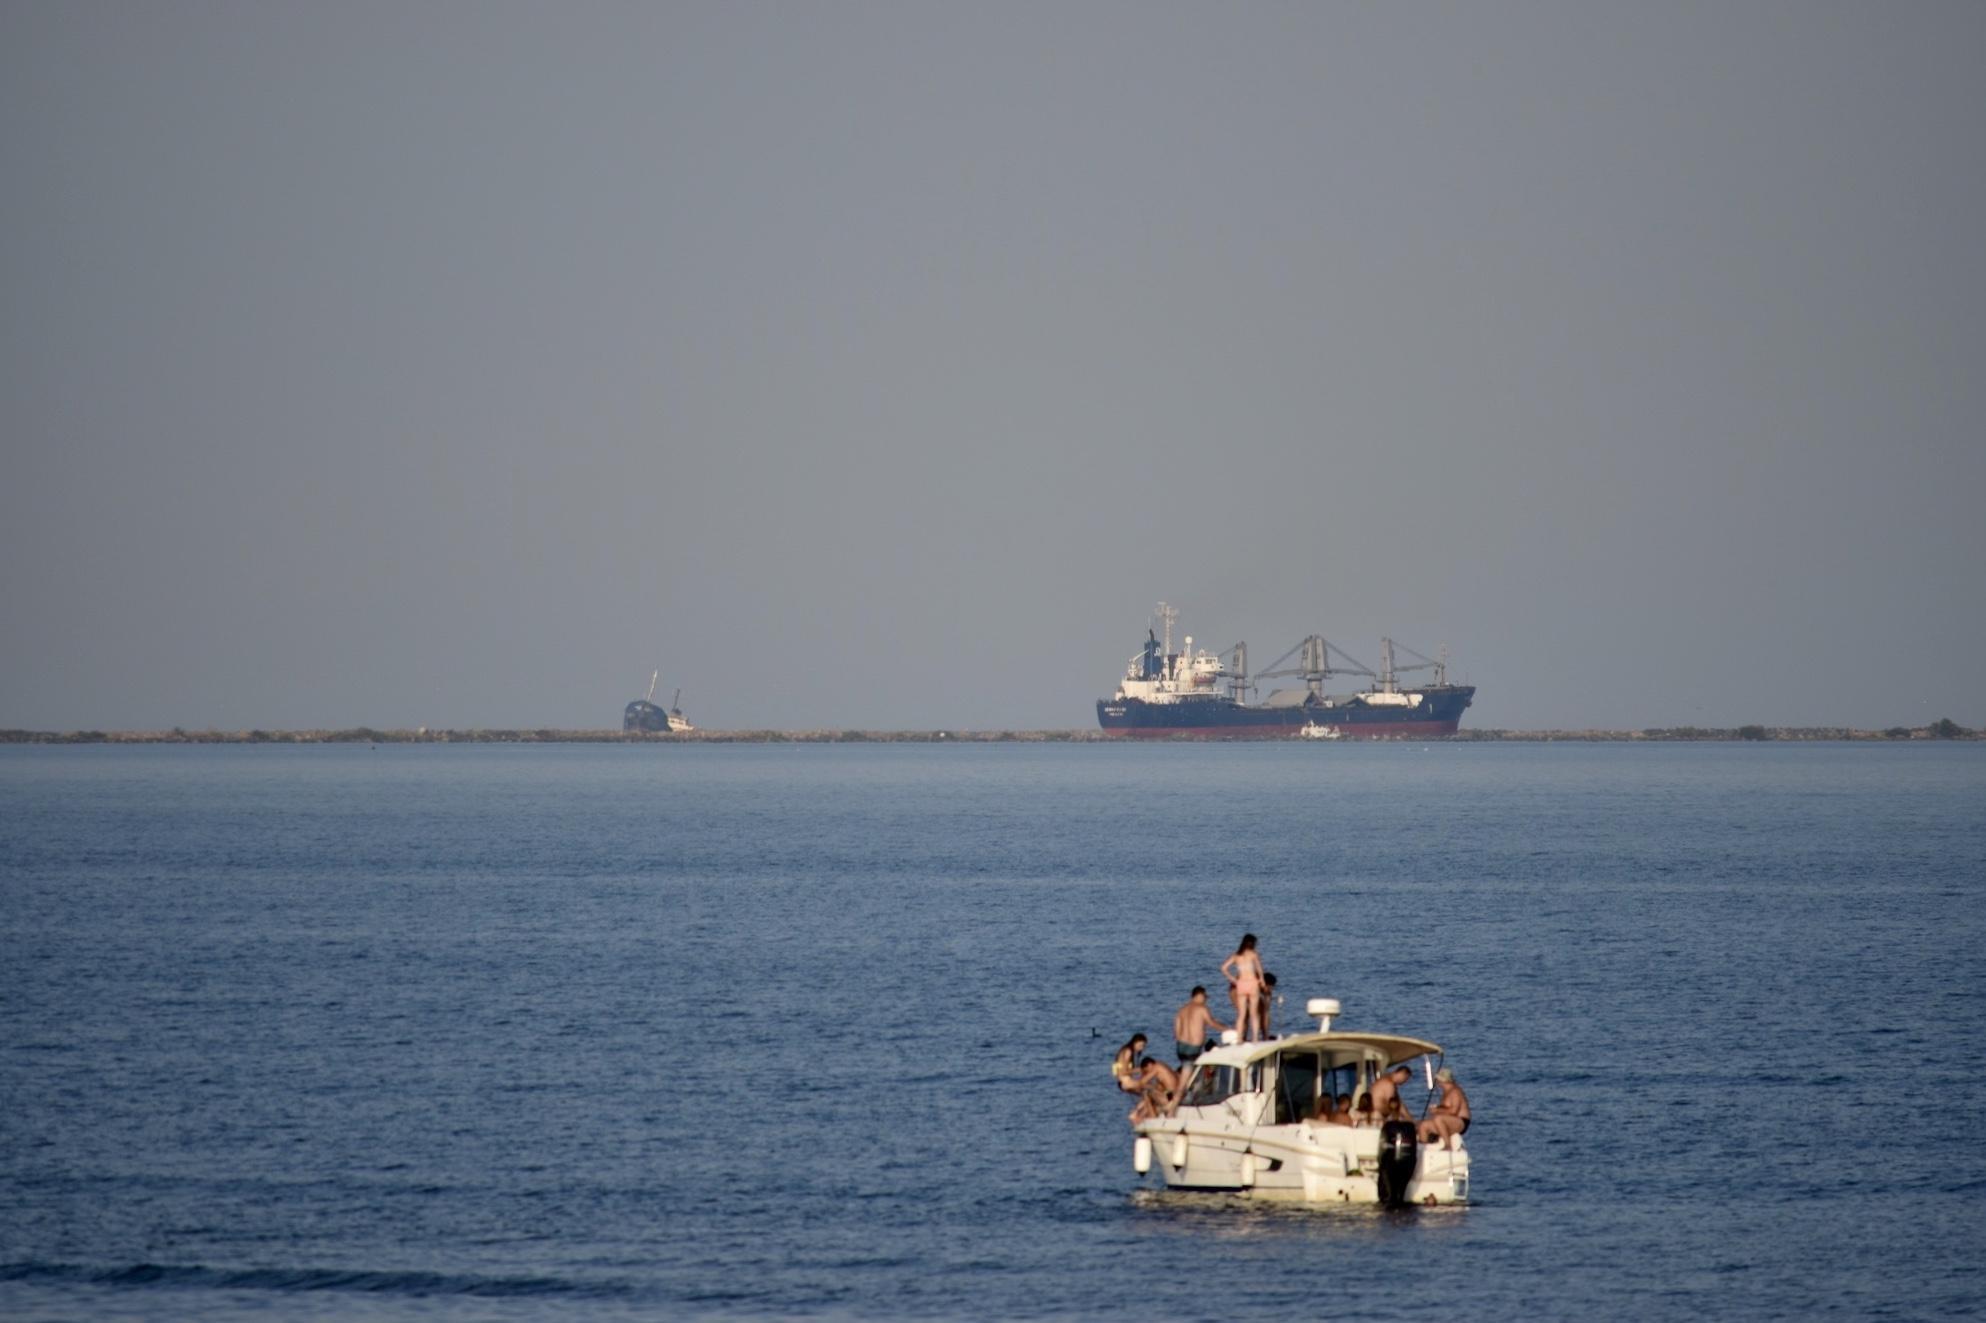 Mare - Barca cu oameni la Apus